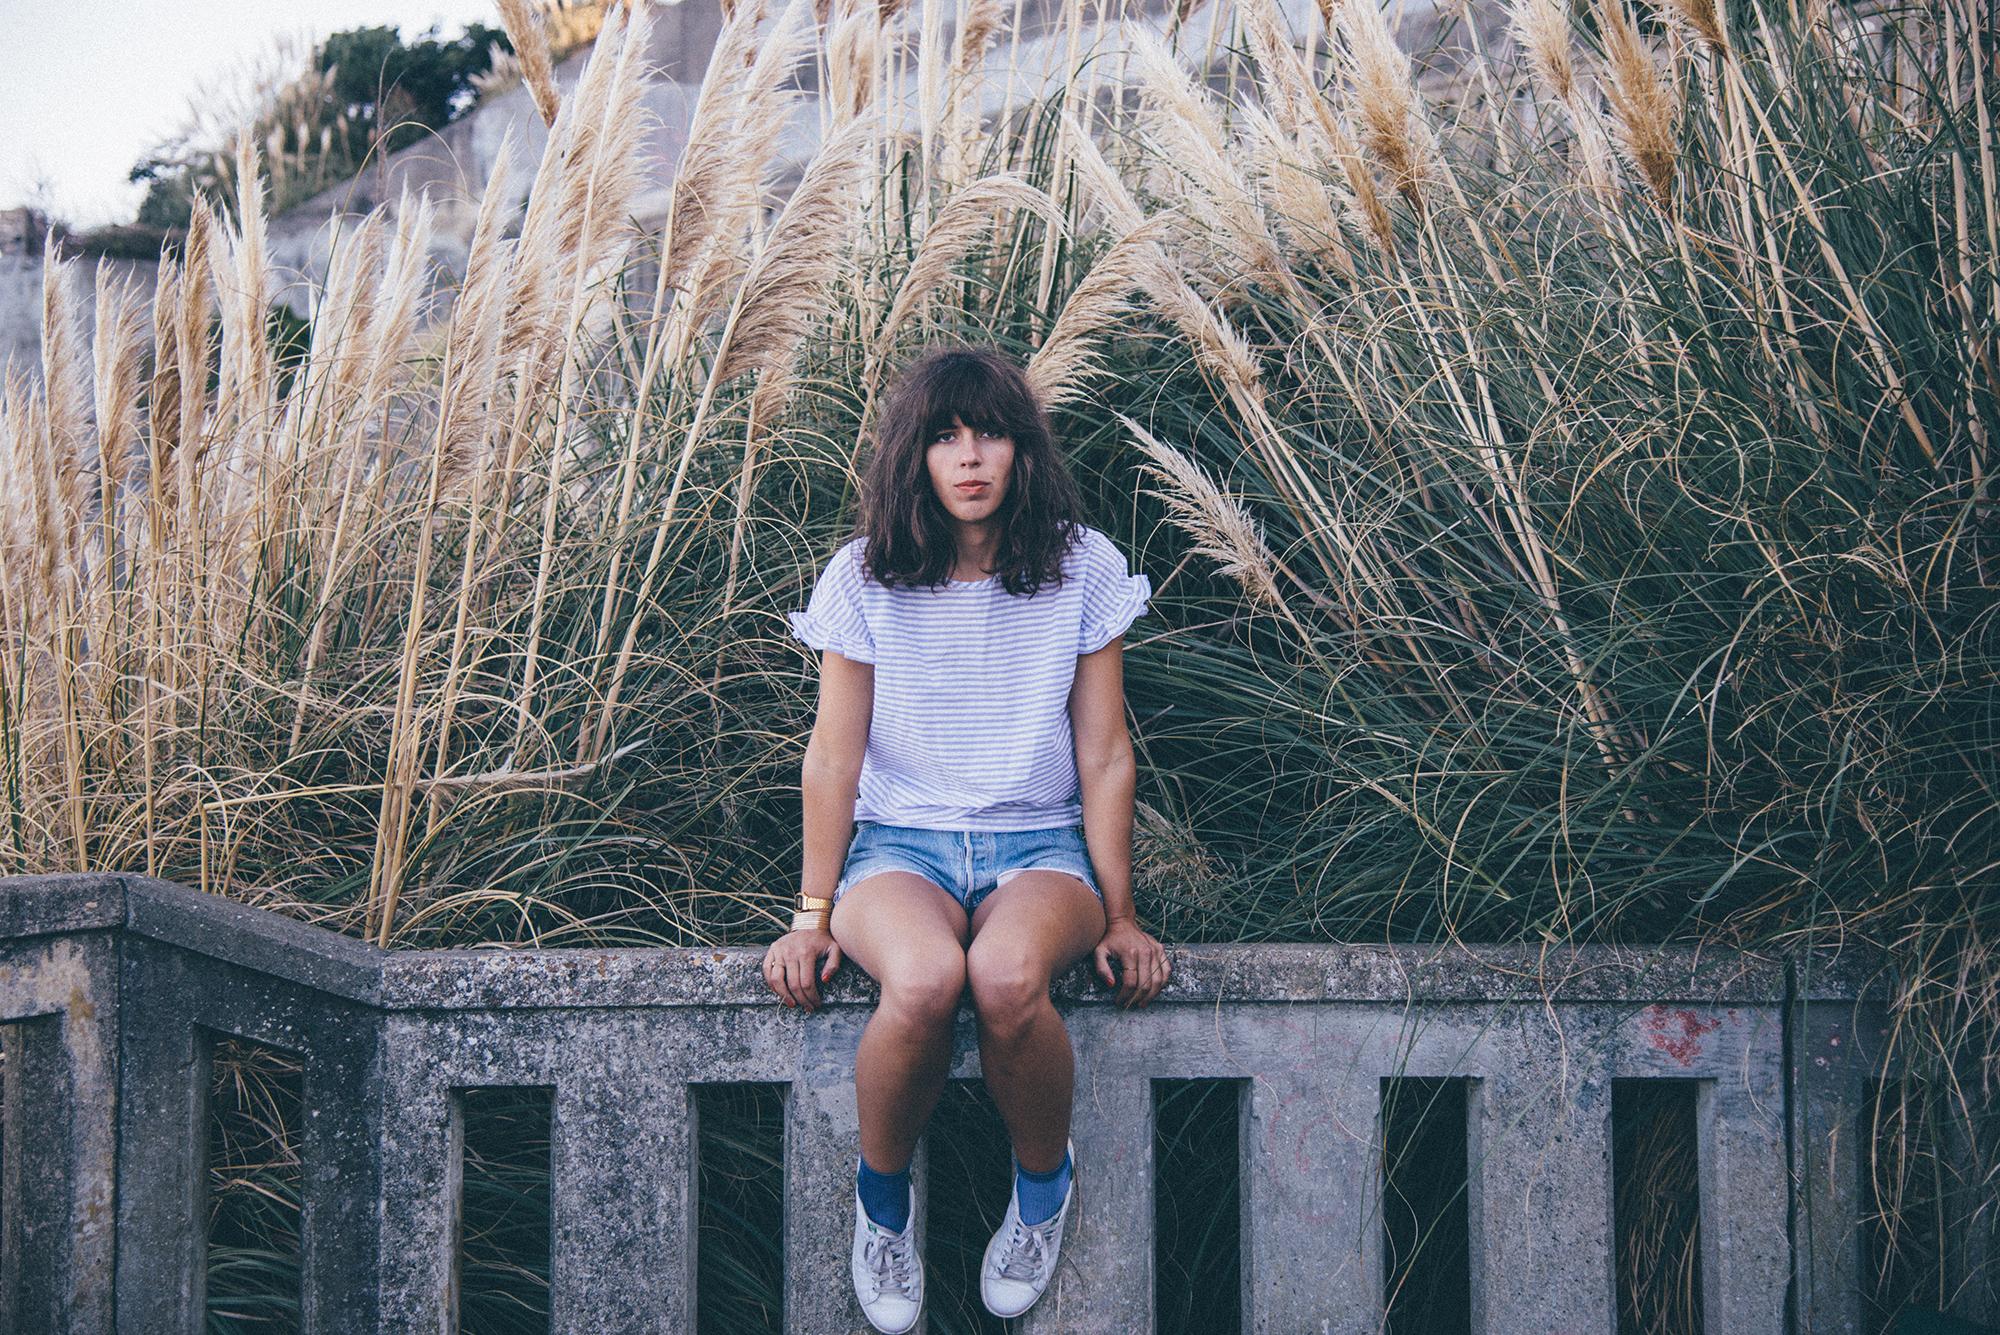 Manon_-15site